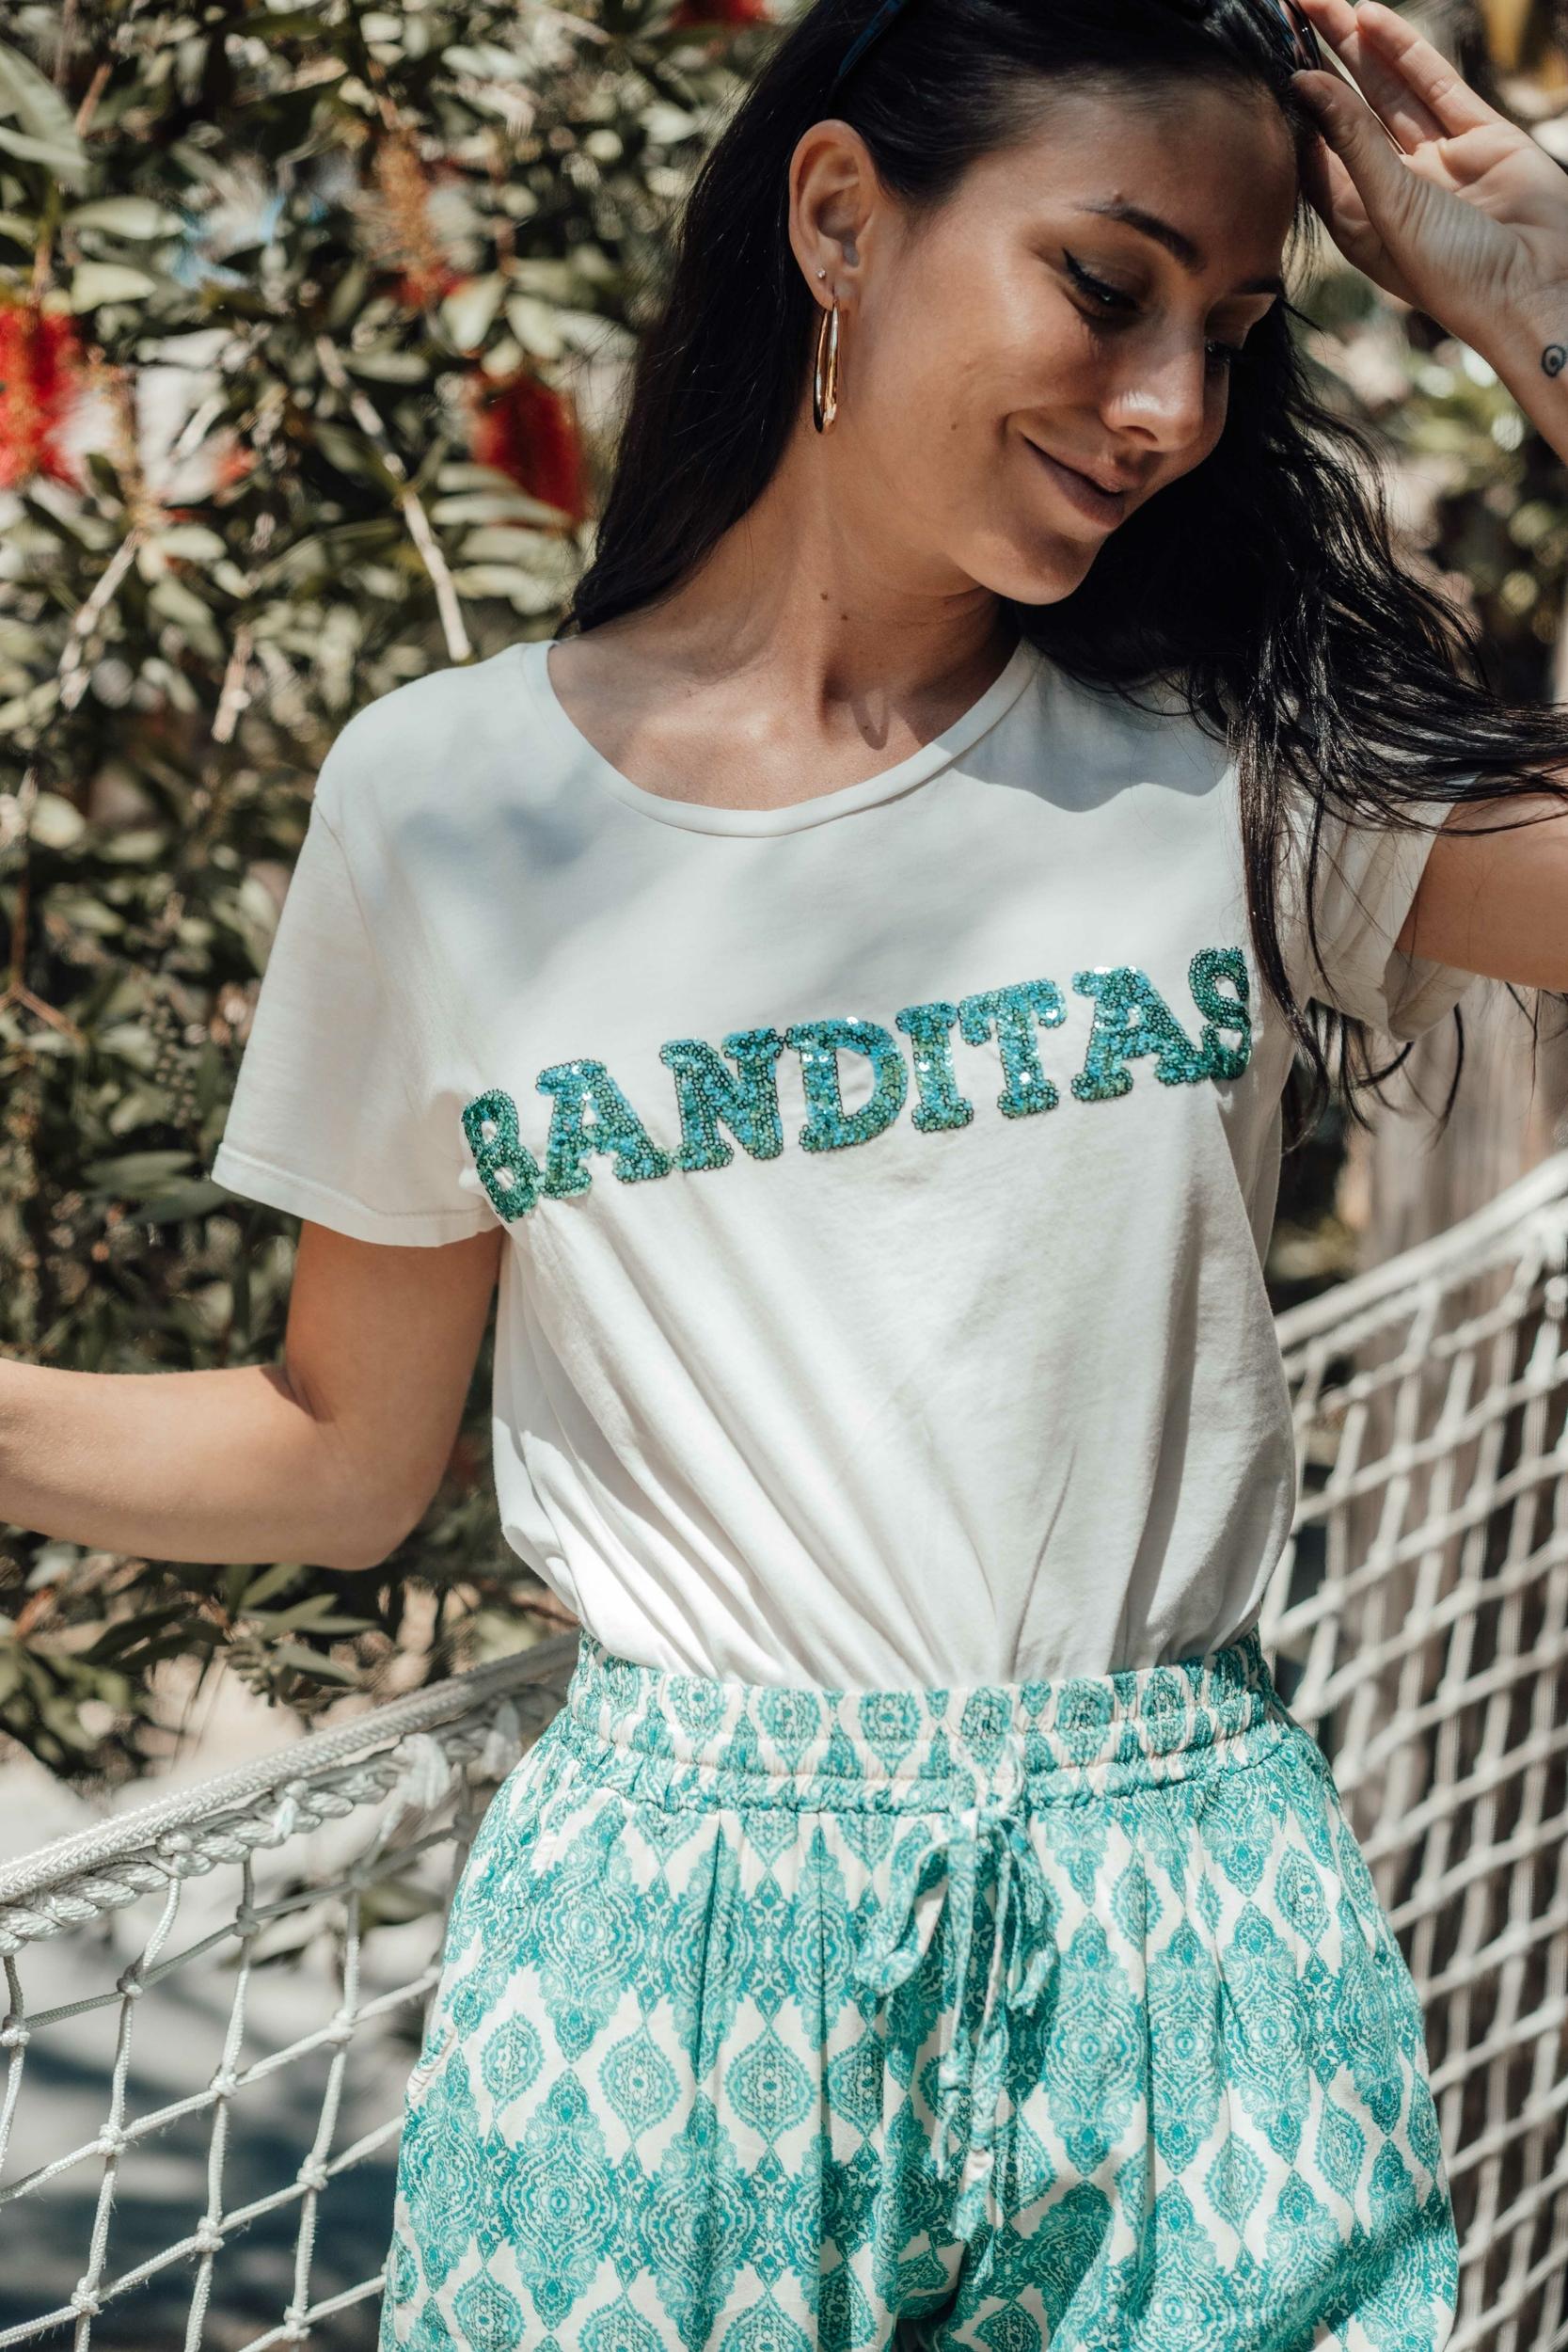 tee_cruz_blanc_turquoise_banditasPM-129